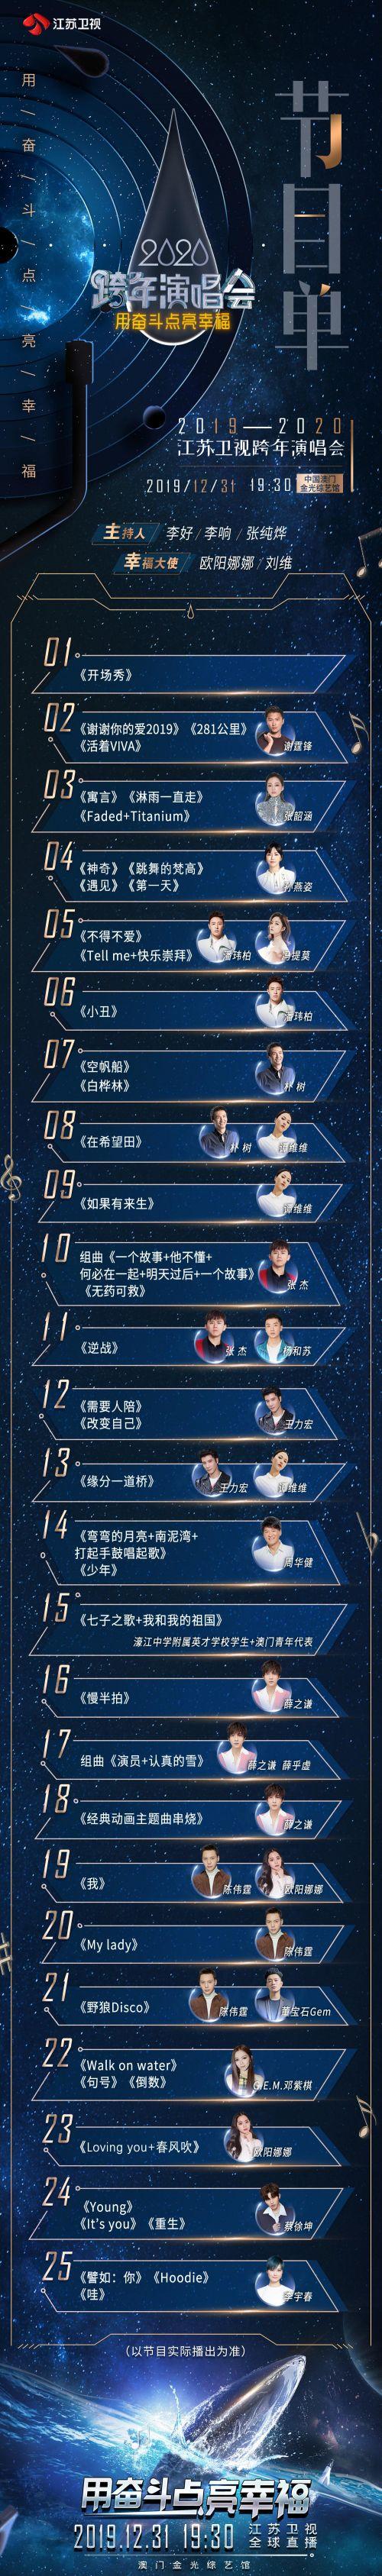 蔡徐坤跨年晚会在哪个卫视?2020江苏卫视跨年晚会明星嘉宾节目单